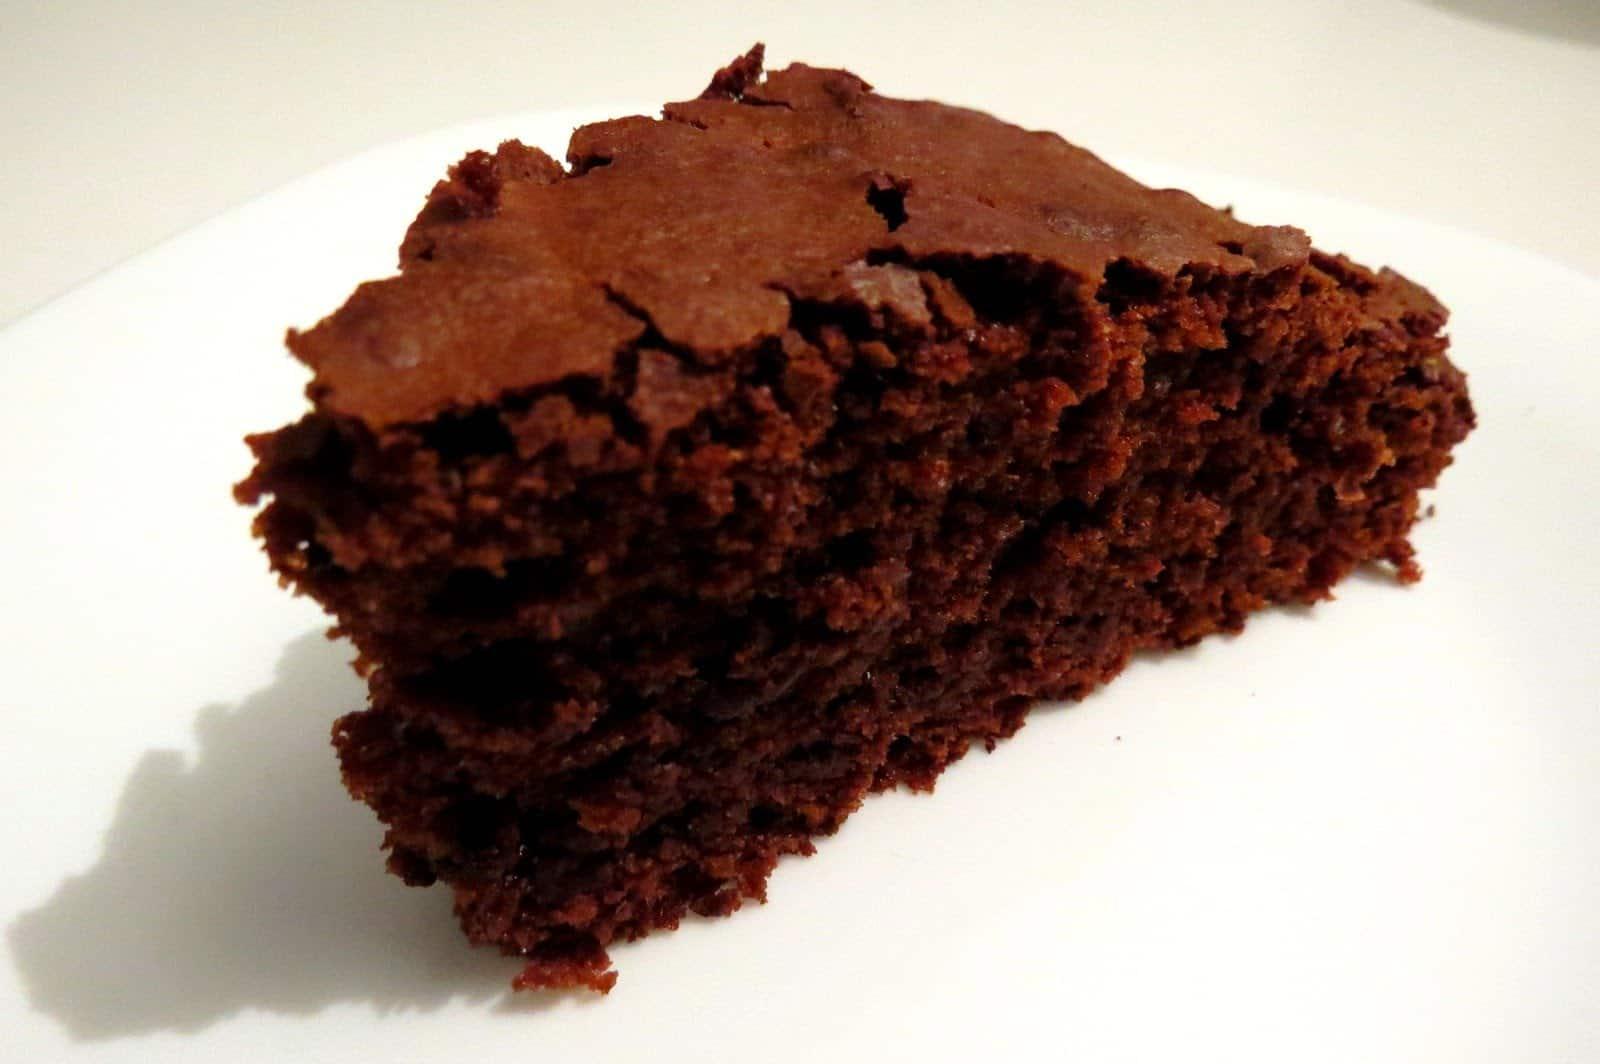 Gâteau au chocolat la recette vraiment très facile